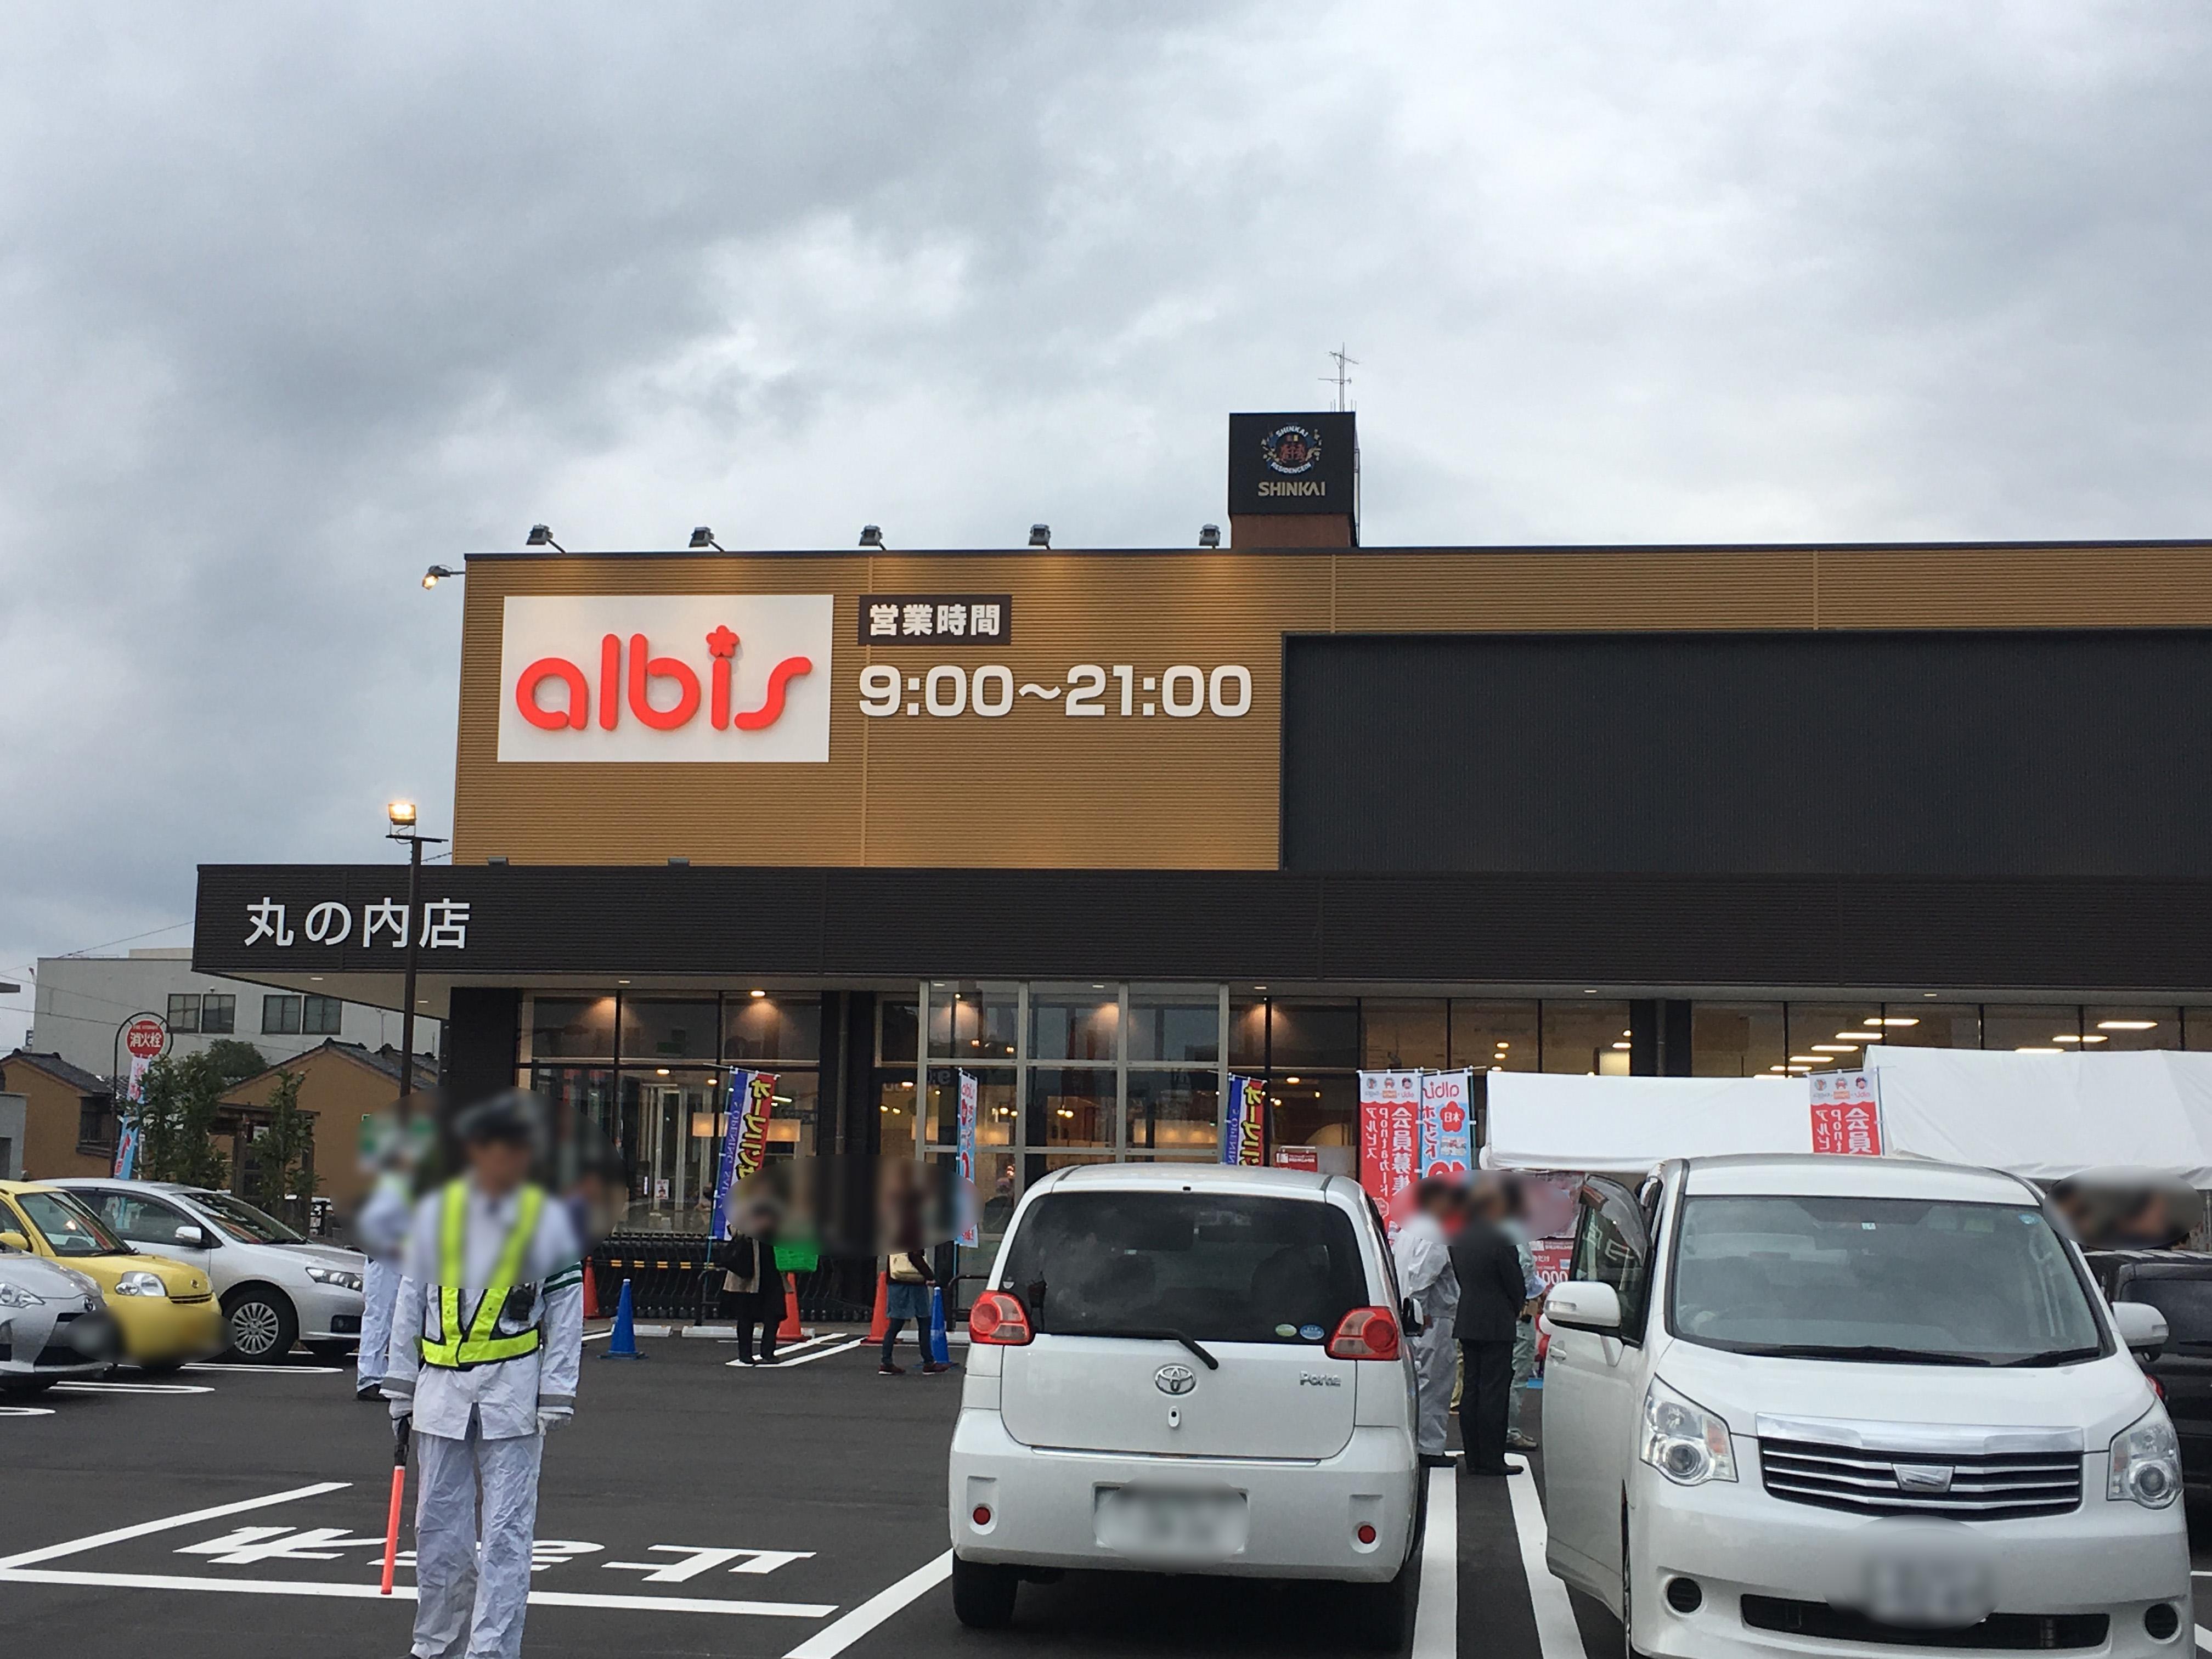 アルビス丸の内店オープン初日の様子